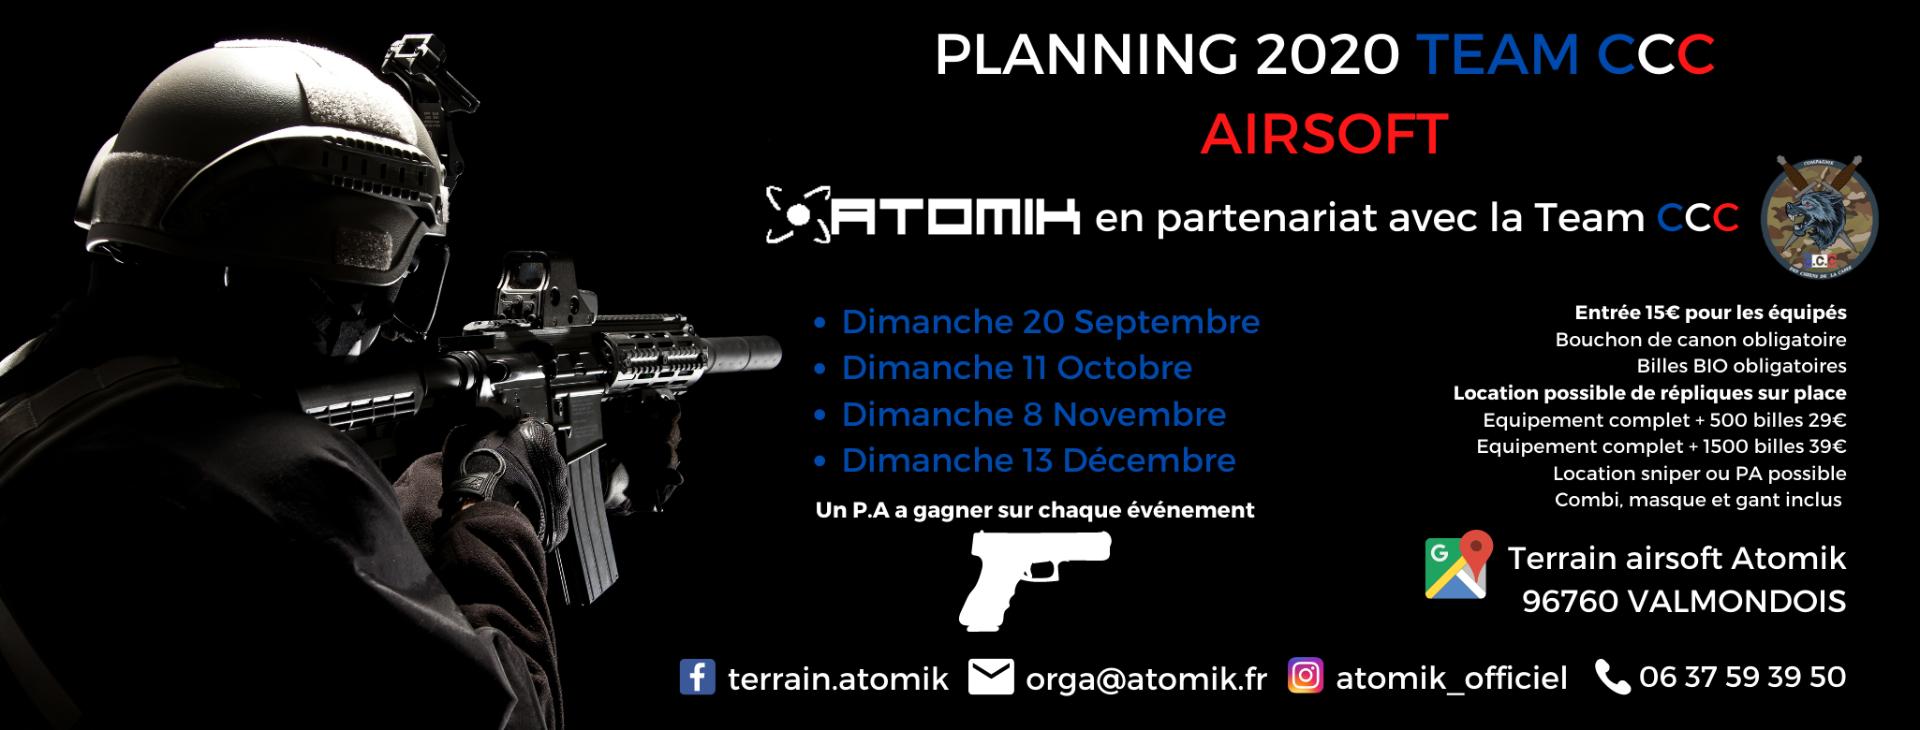 Journée scénario Airsoft sur notre terrain de Paris